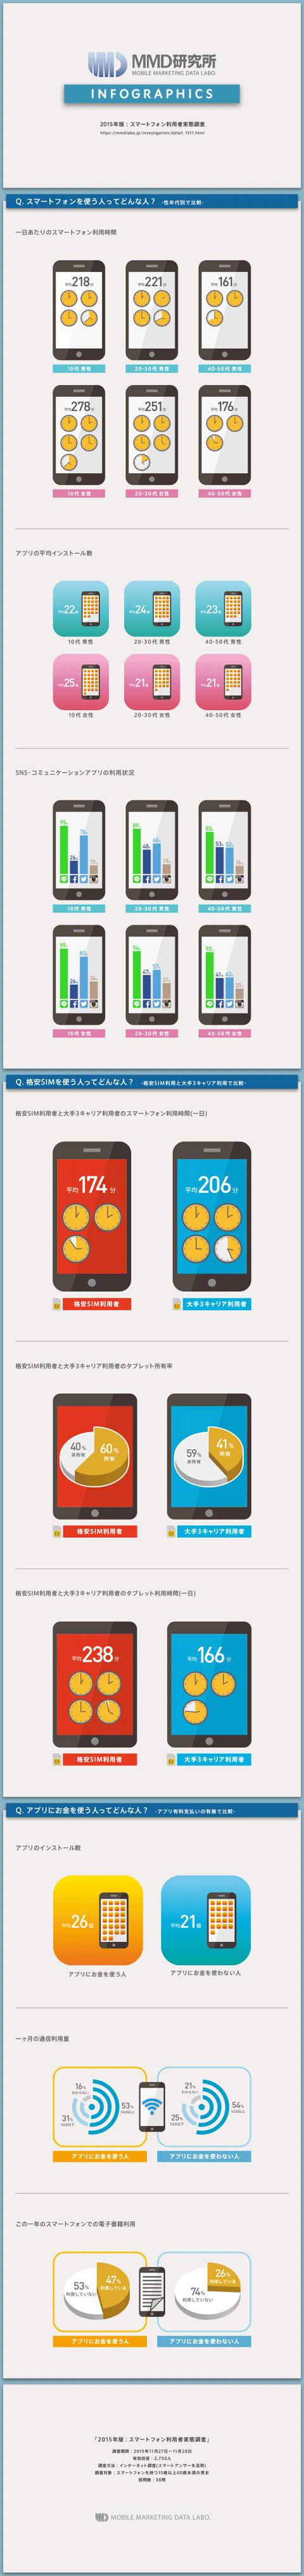 @DIME アットダイム|ジャンル|コラム|インフォグラフィックスで示すスマートフォンの利用実態